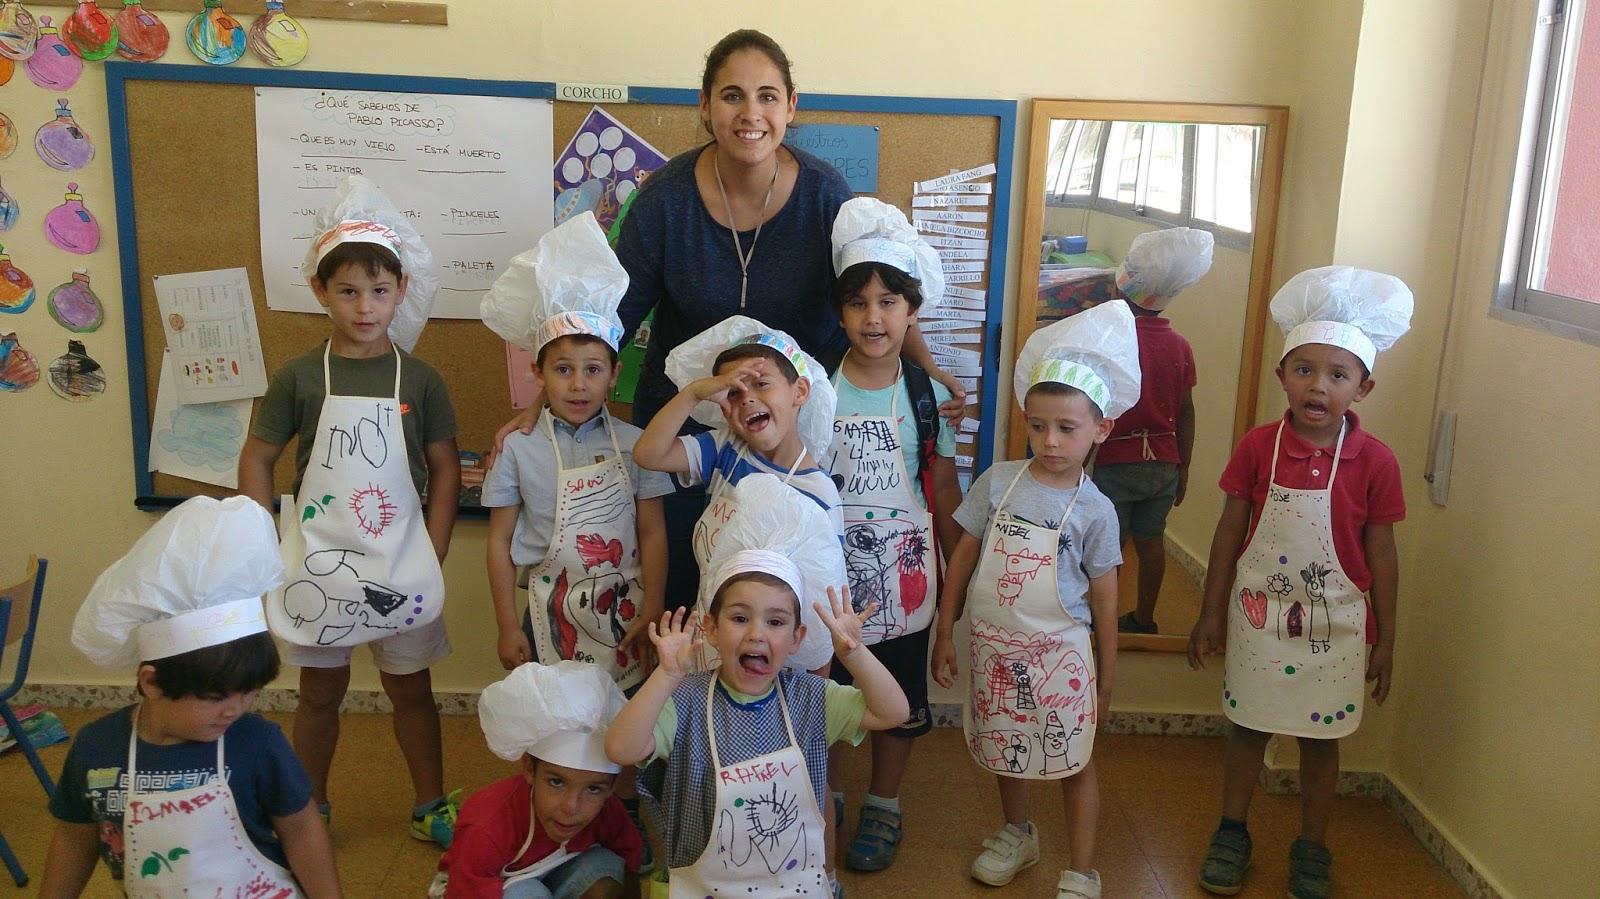 Mis 17 enanitos proyecto infantil cocina y alimentos 4 a os for Proyecto cocina infantil